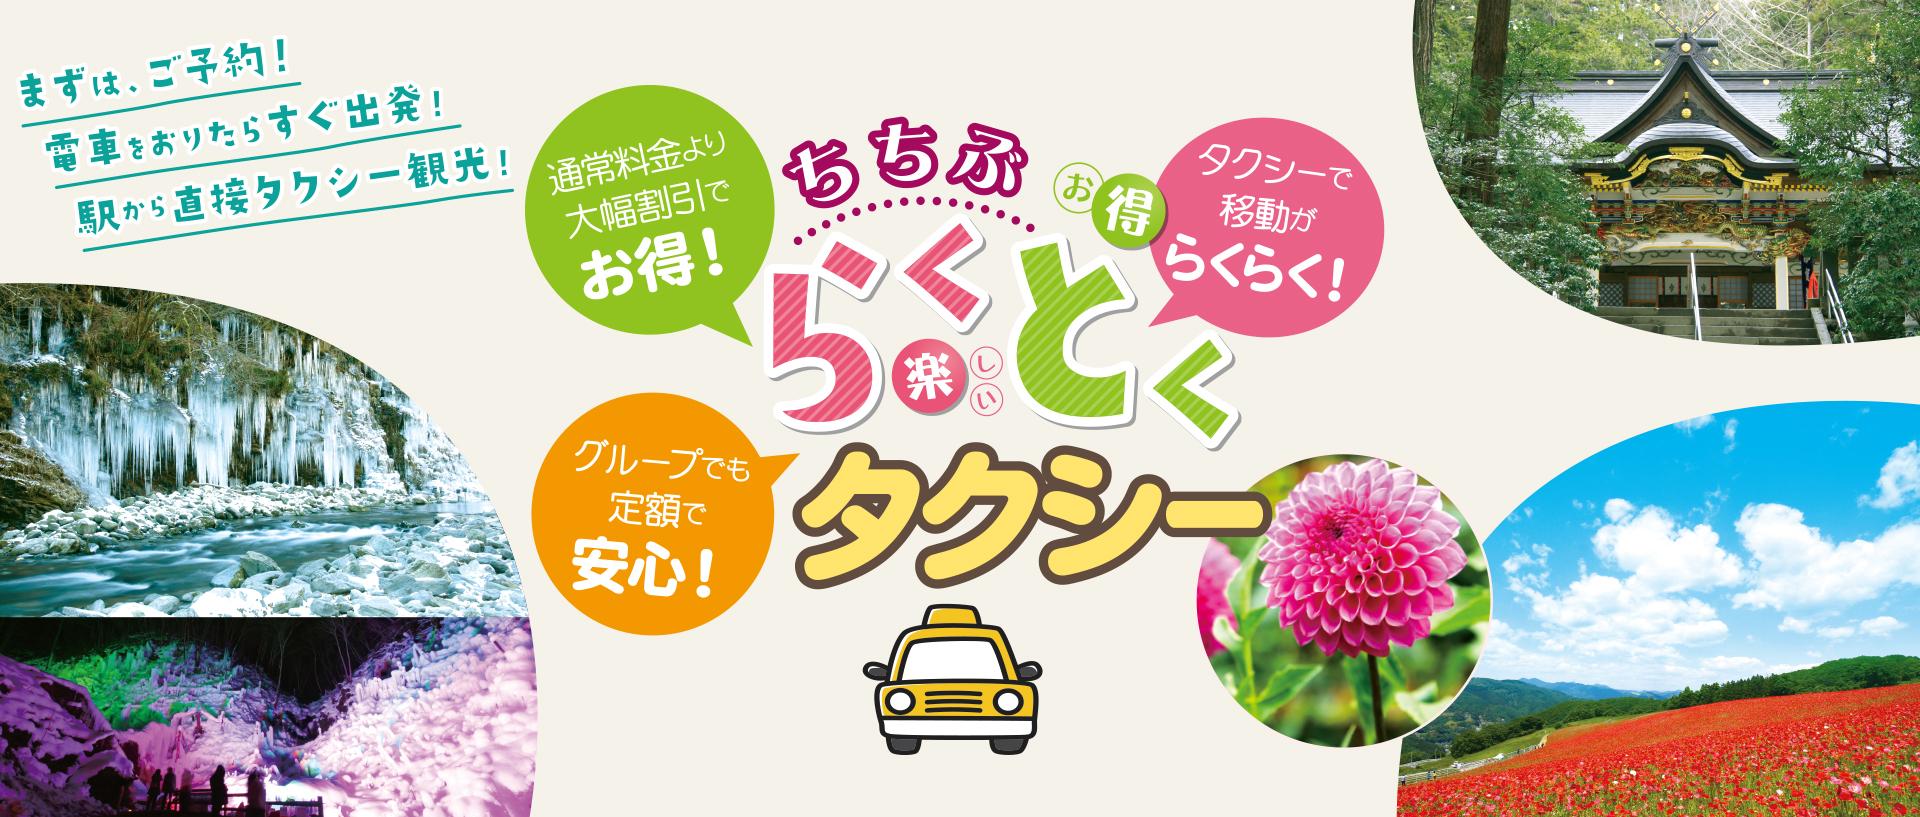 ちちぶ らくとくタクシー:メインイメージ